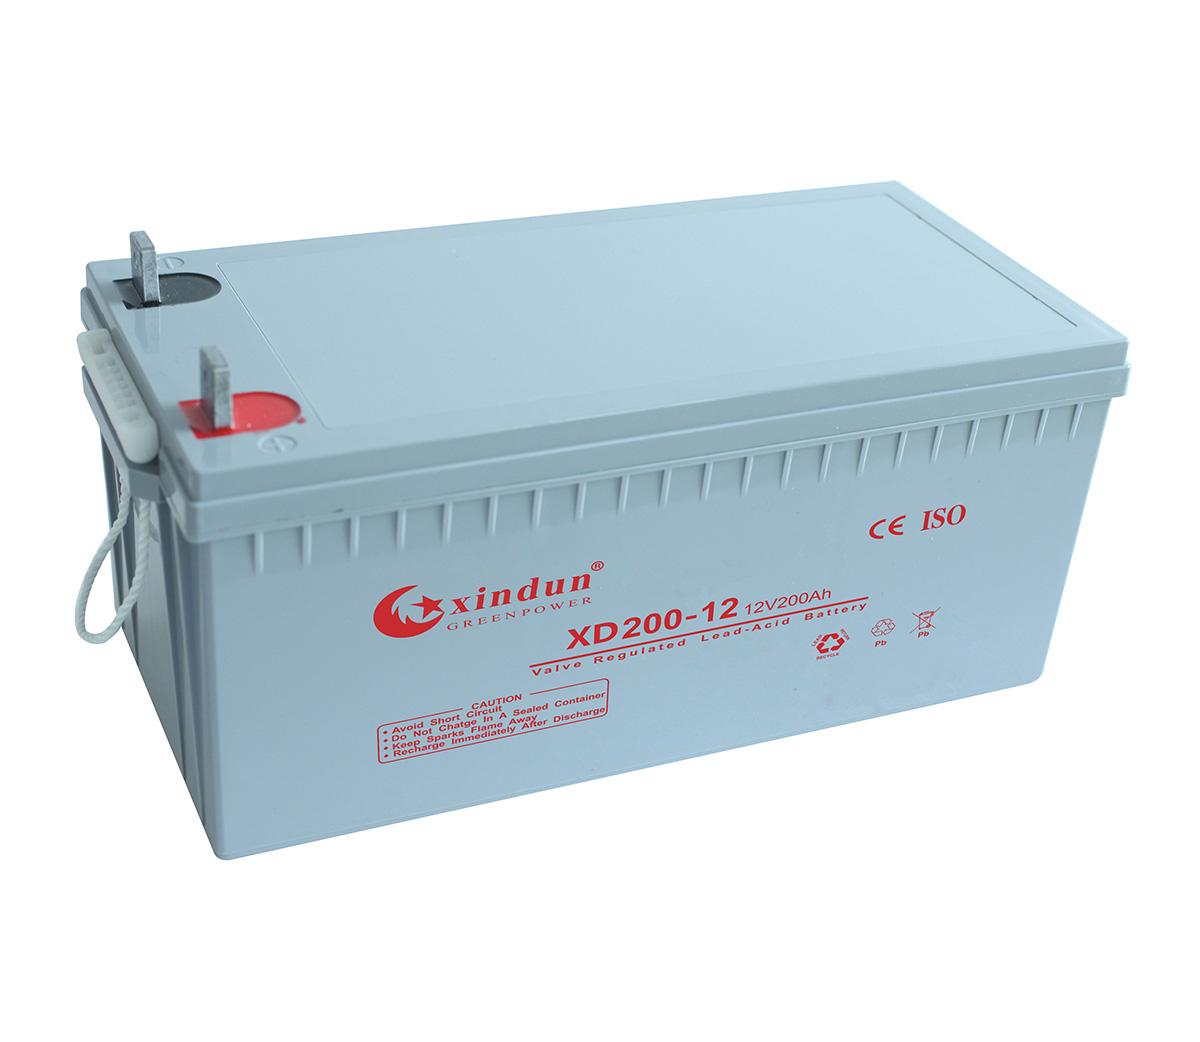 XD200-12蓄电池